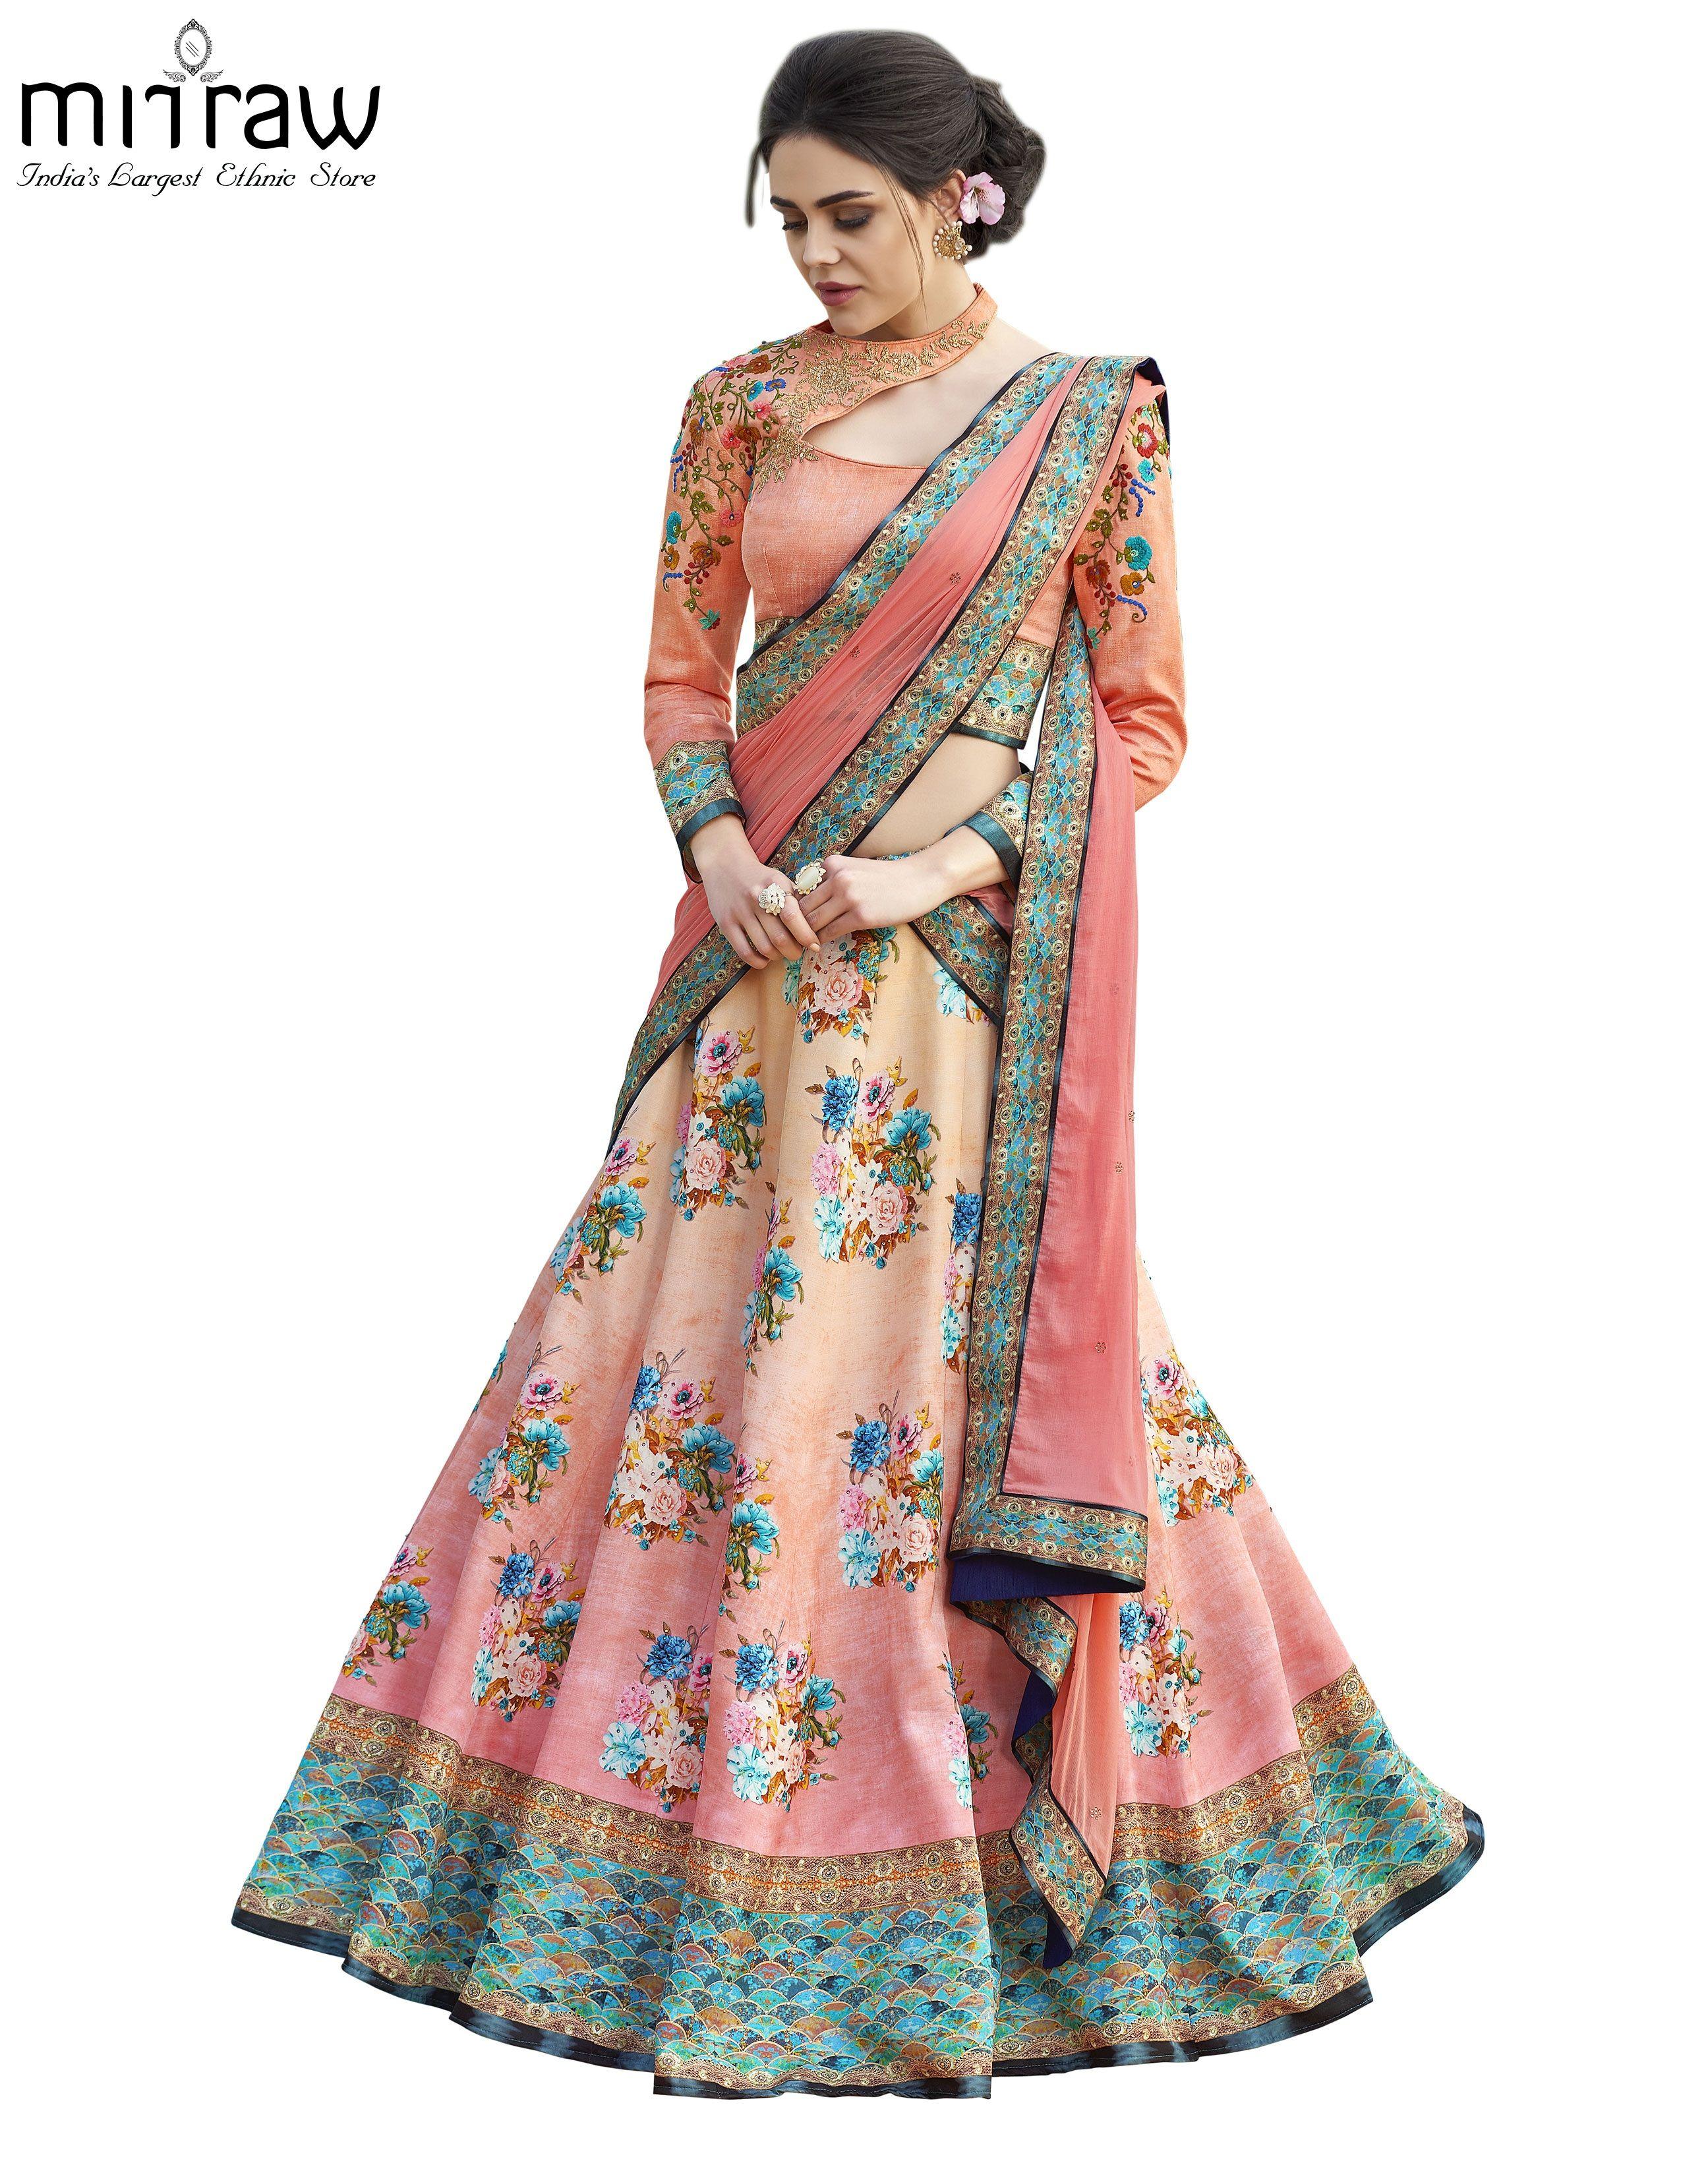 fe18137b4a #LehengaDesignsForPartyWear at Mirraw.com Floral Lehenga, Lehenga Choli,  Pink Beige, Pink